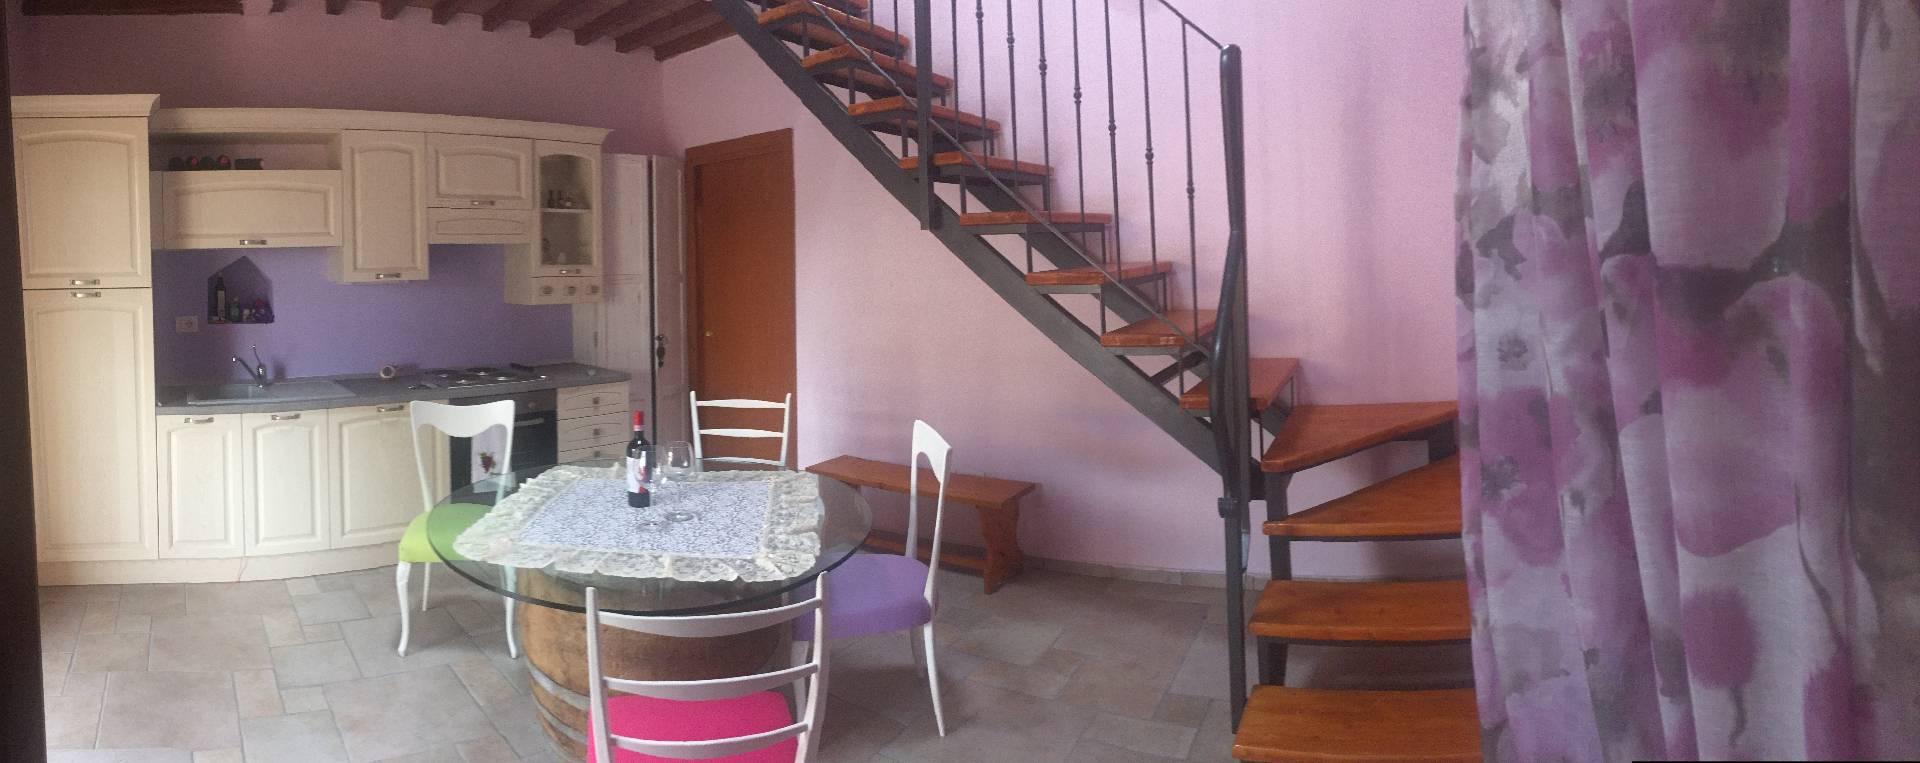 Soluzione Indipendente in affitto a Castelfiorentino, 3 locali, prezzo € 500 | Cambio Casa.it